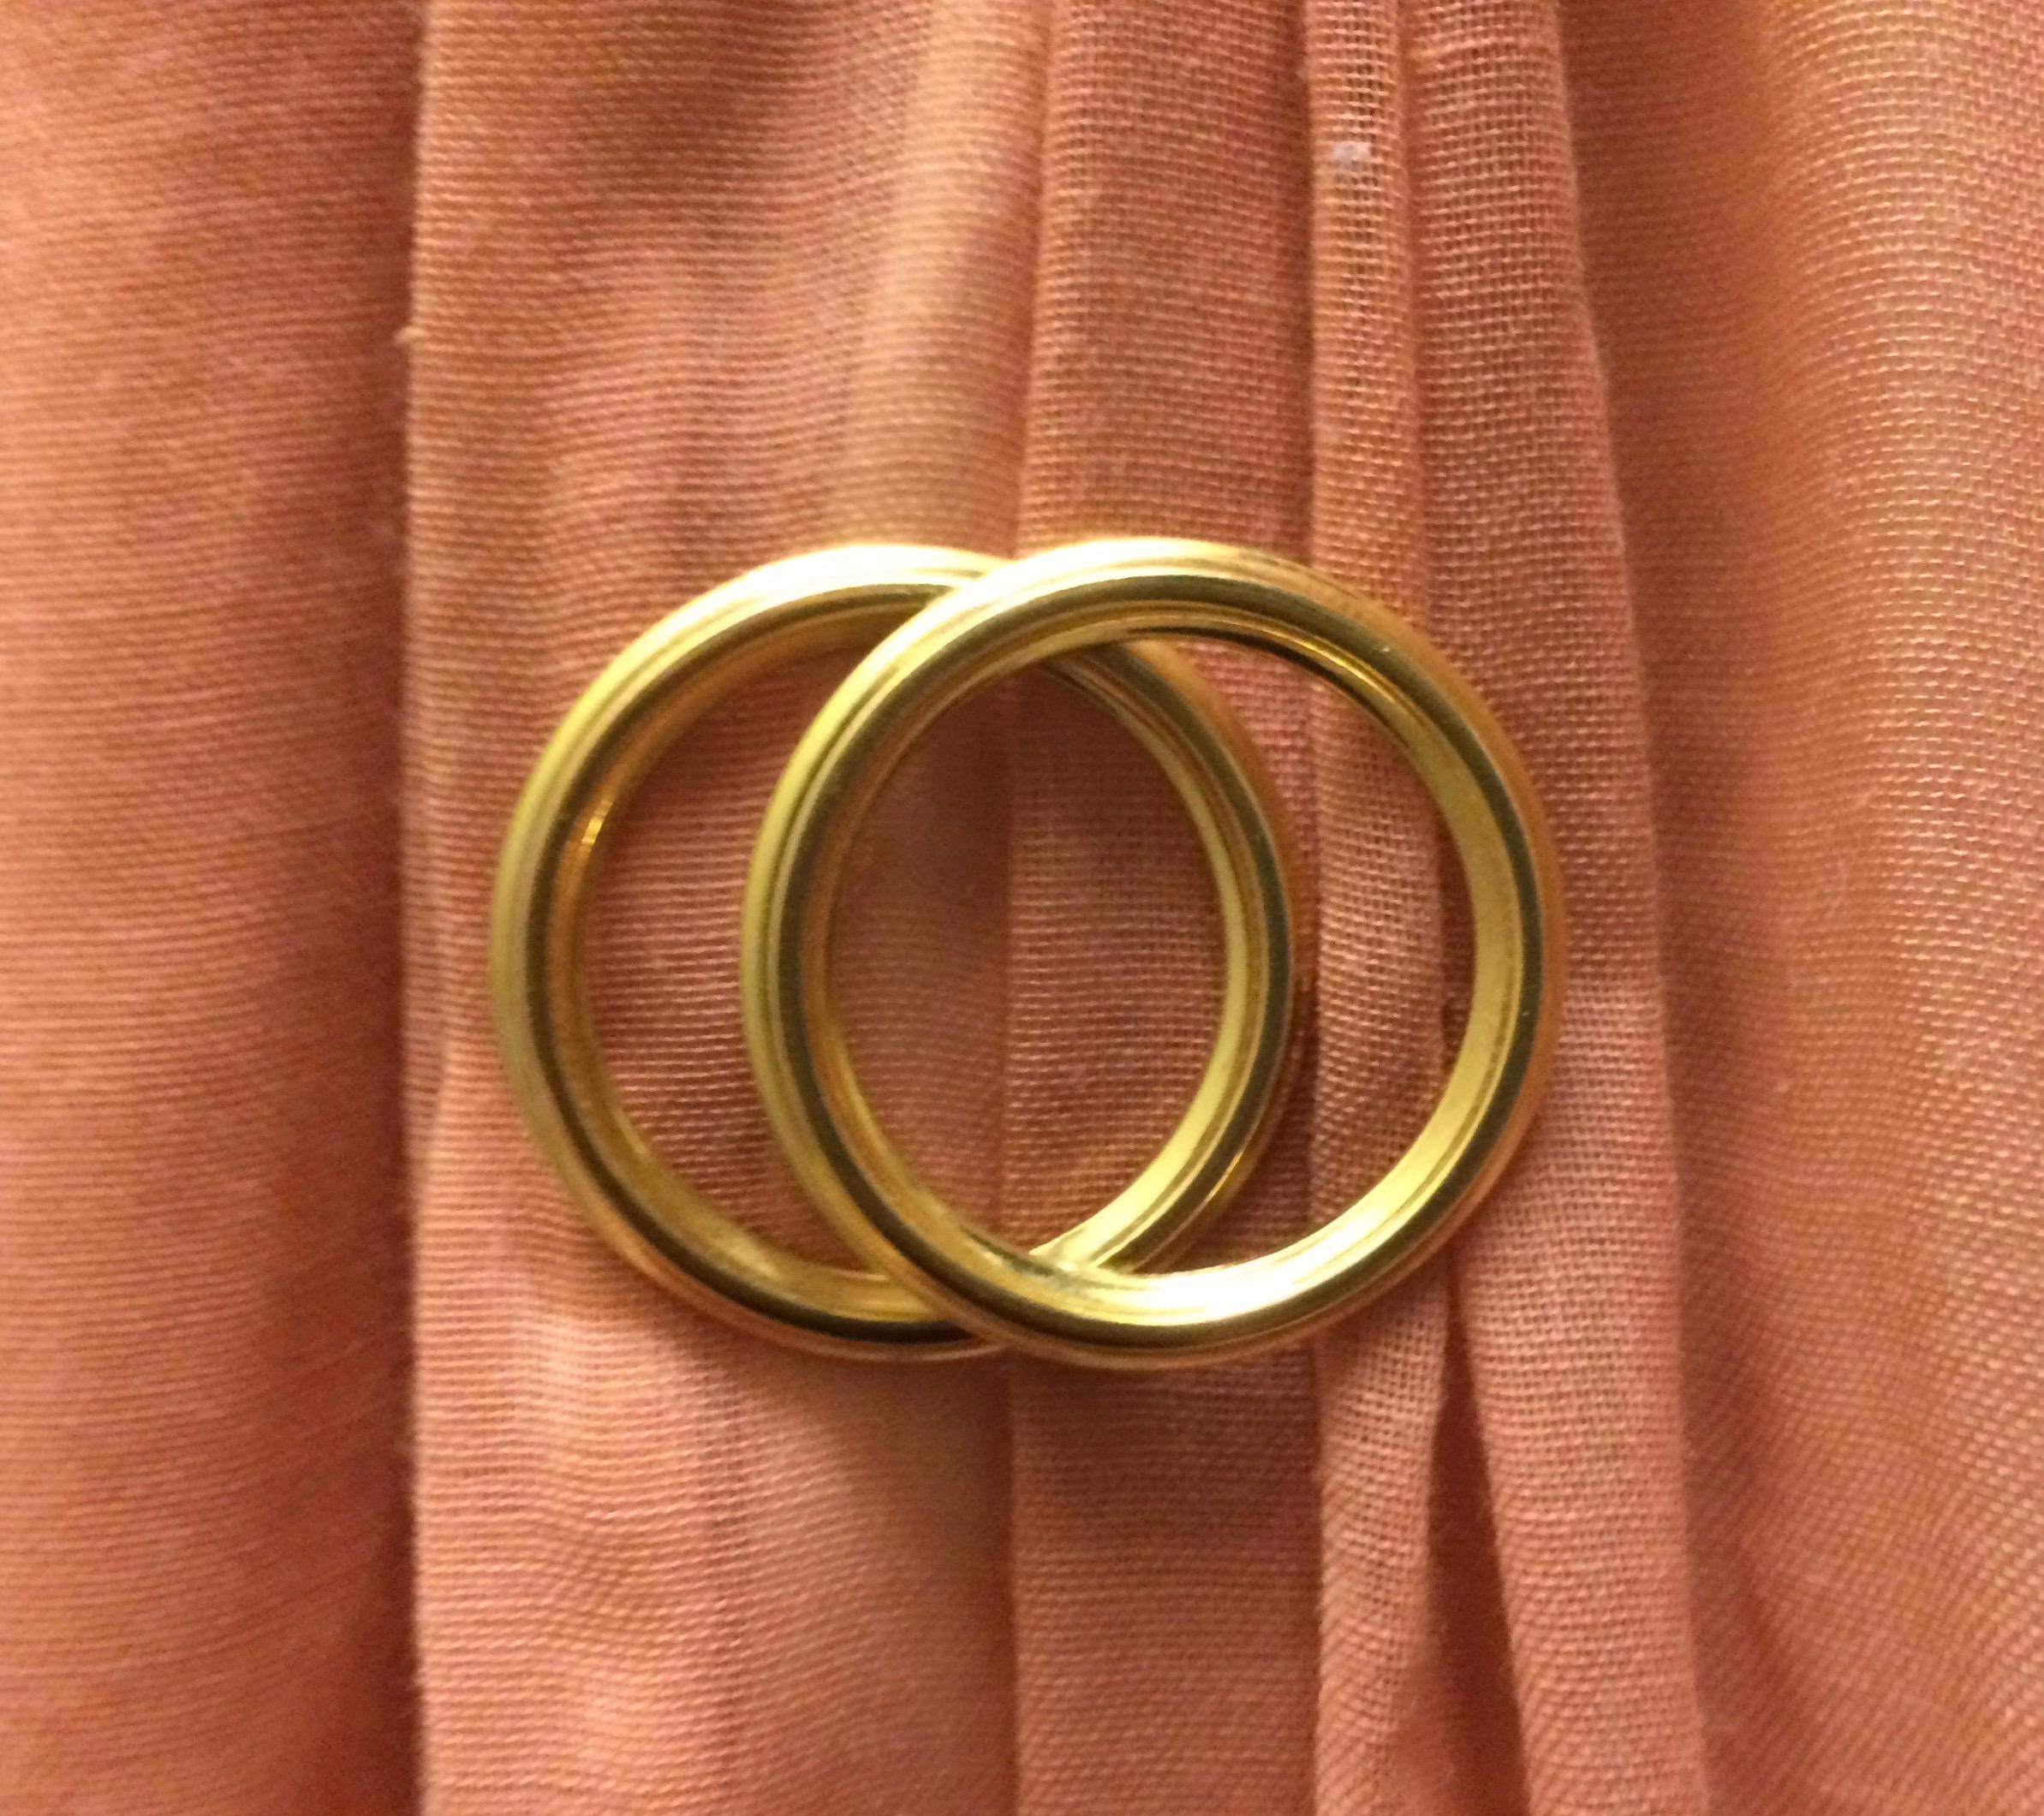 interlocking-rings-brooch